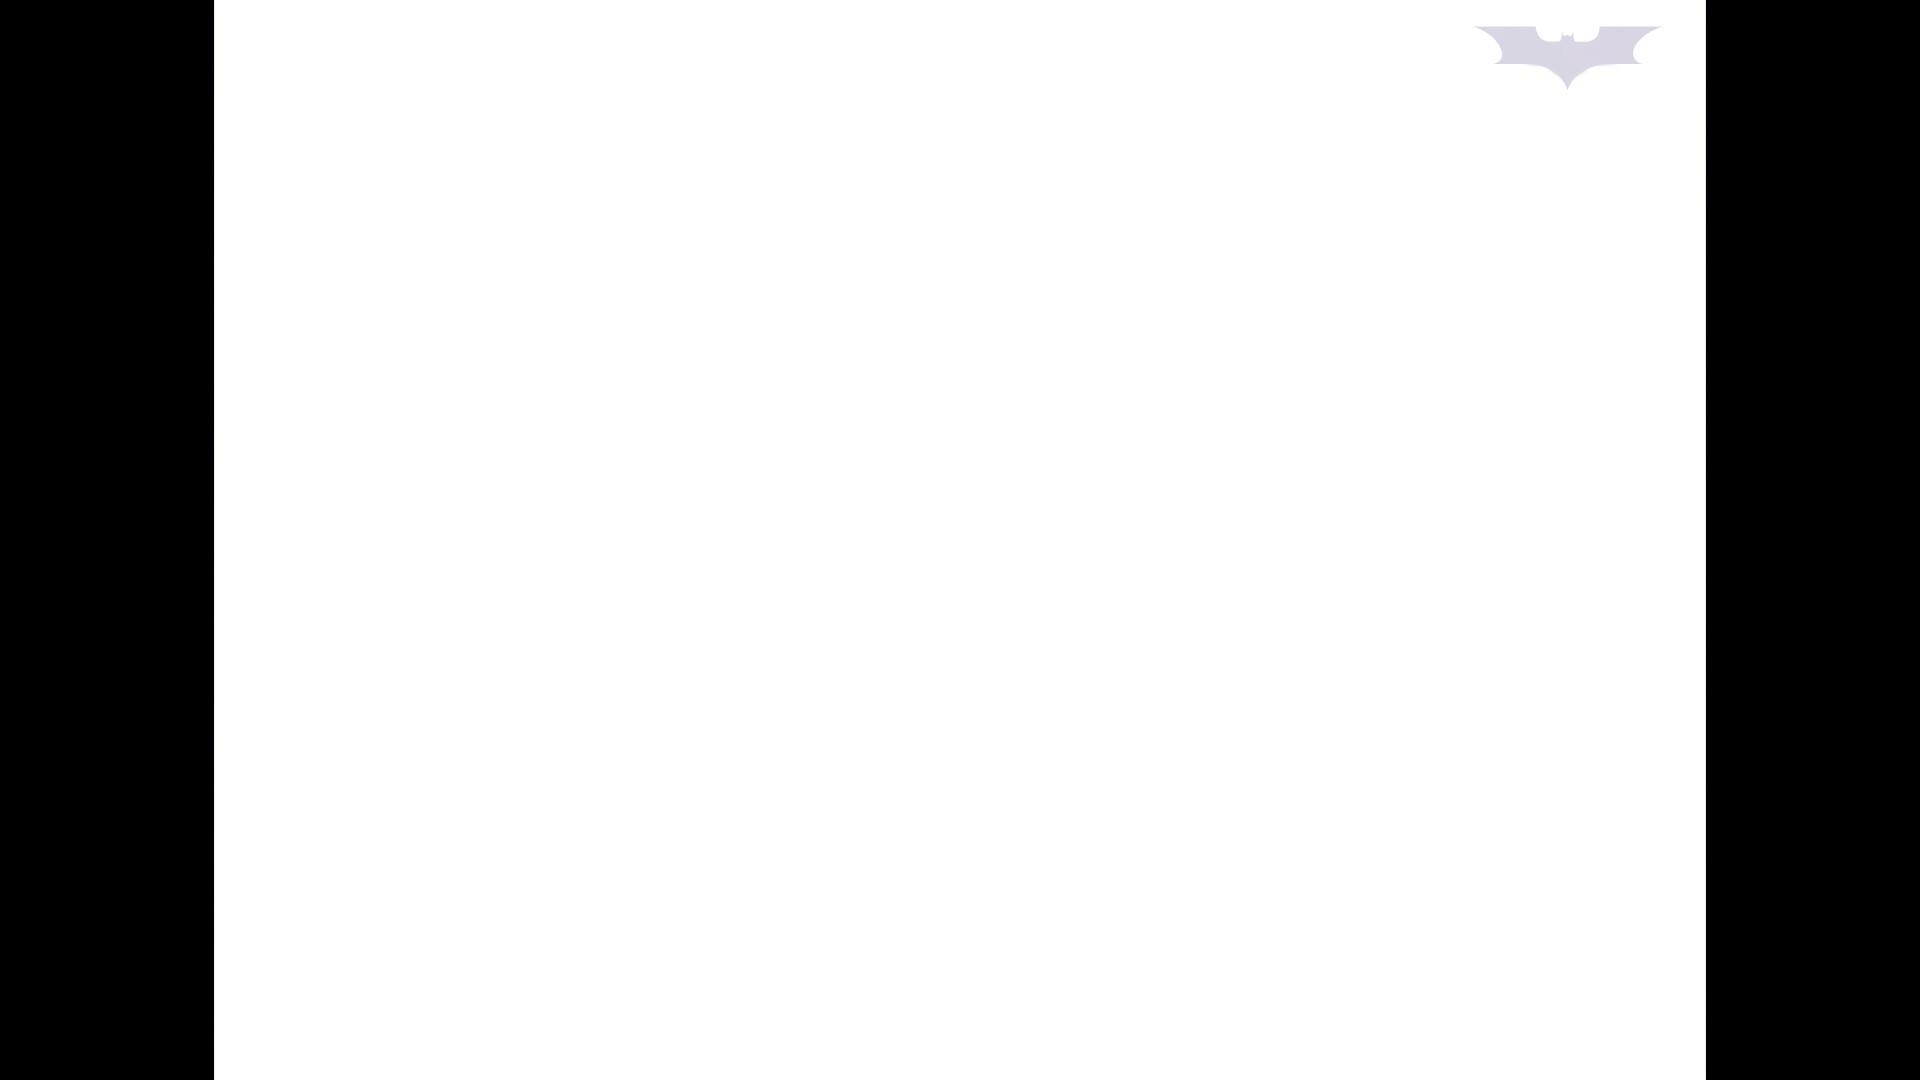 ●生マンコ綺麗にツルぴかですね 期間限定神キタ!ツルピカの放nyo!Vol.20 パイパン  99pic 65